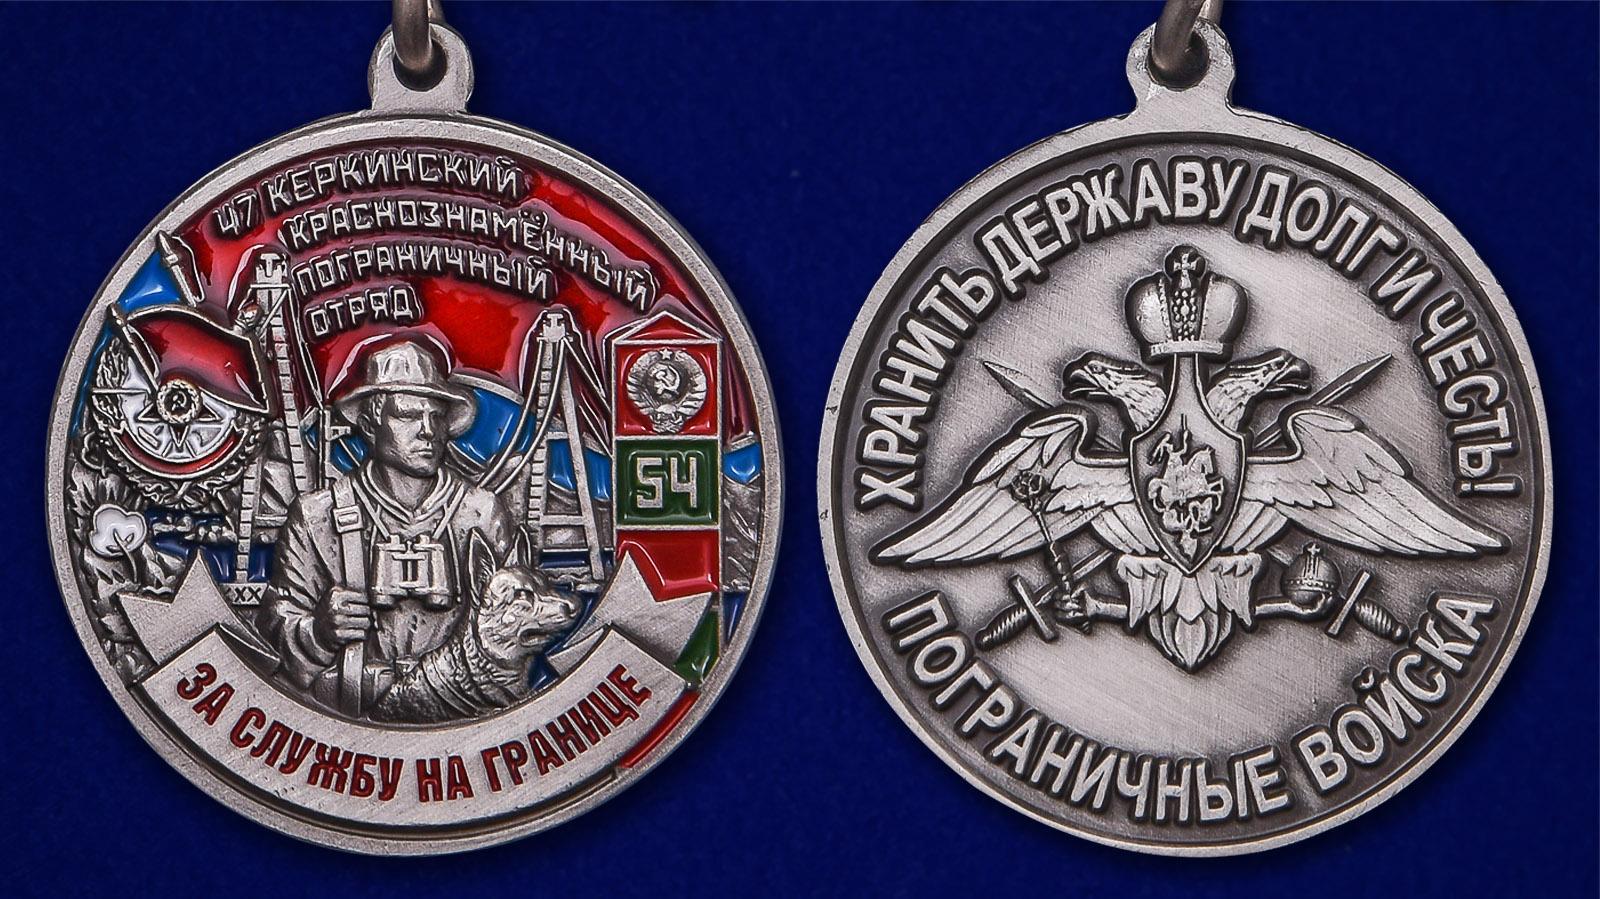 Памятная медаль За службу в Керкинском пограничном отряде - аверс и реверс